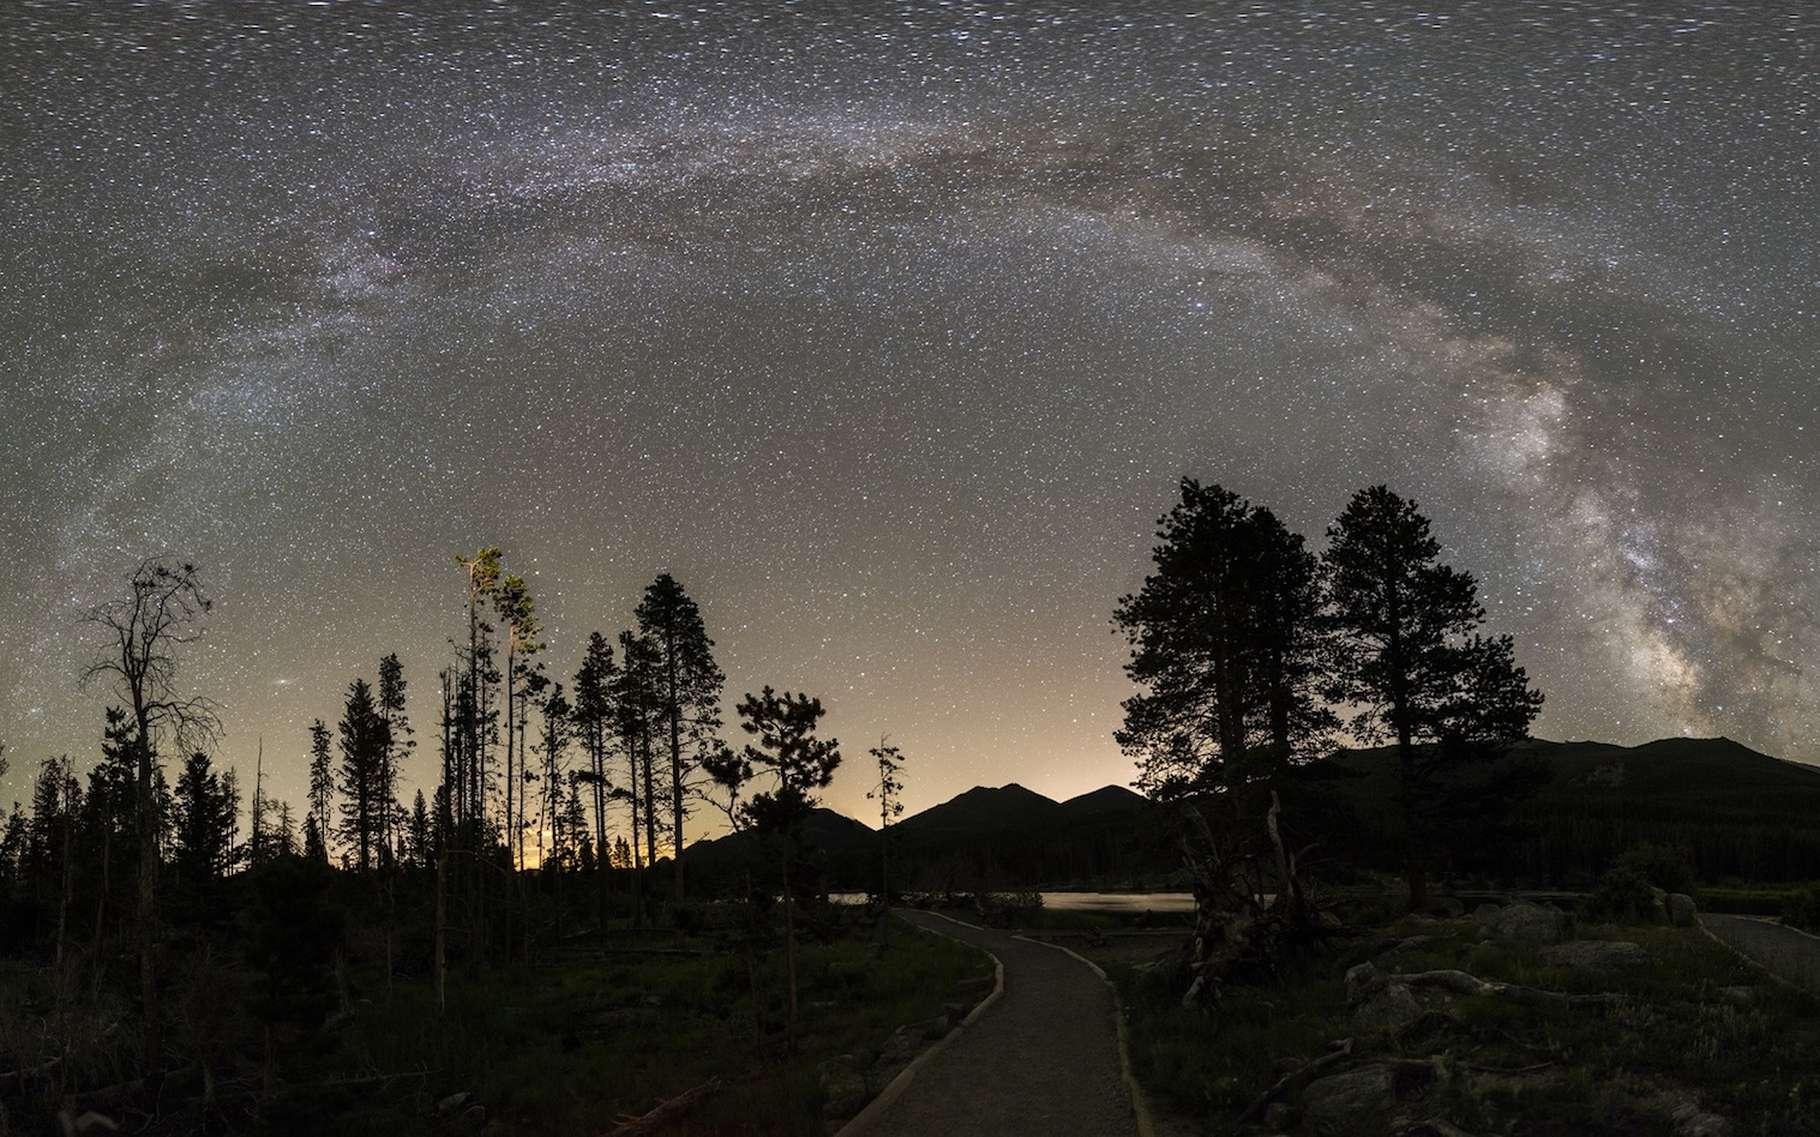 Le phénomène des «nuits lumineuses» semble être le résultat de la dynamique atmosphérique. © skeeze, Pixabay, CC0 Public Domain